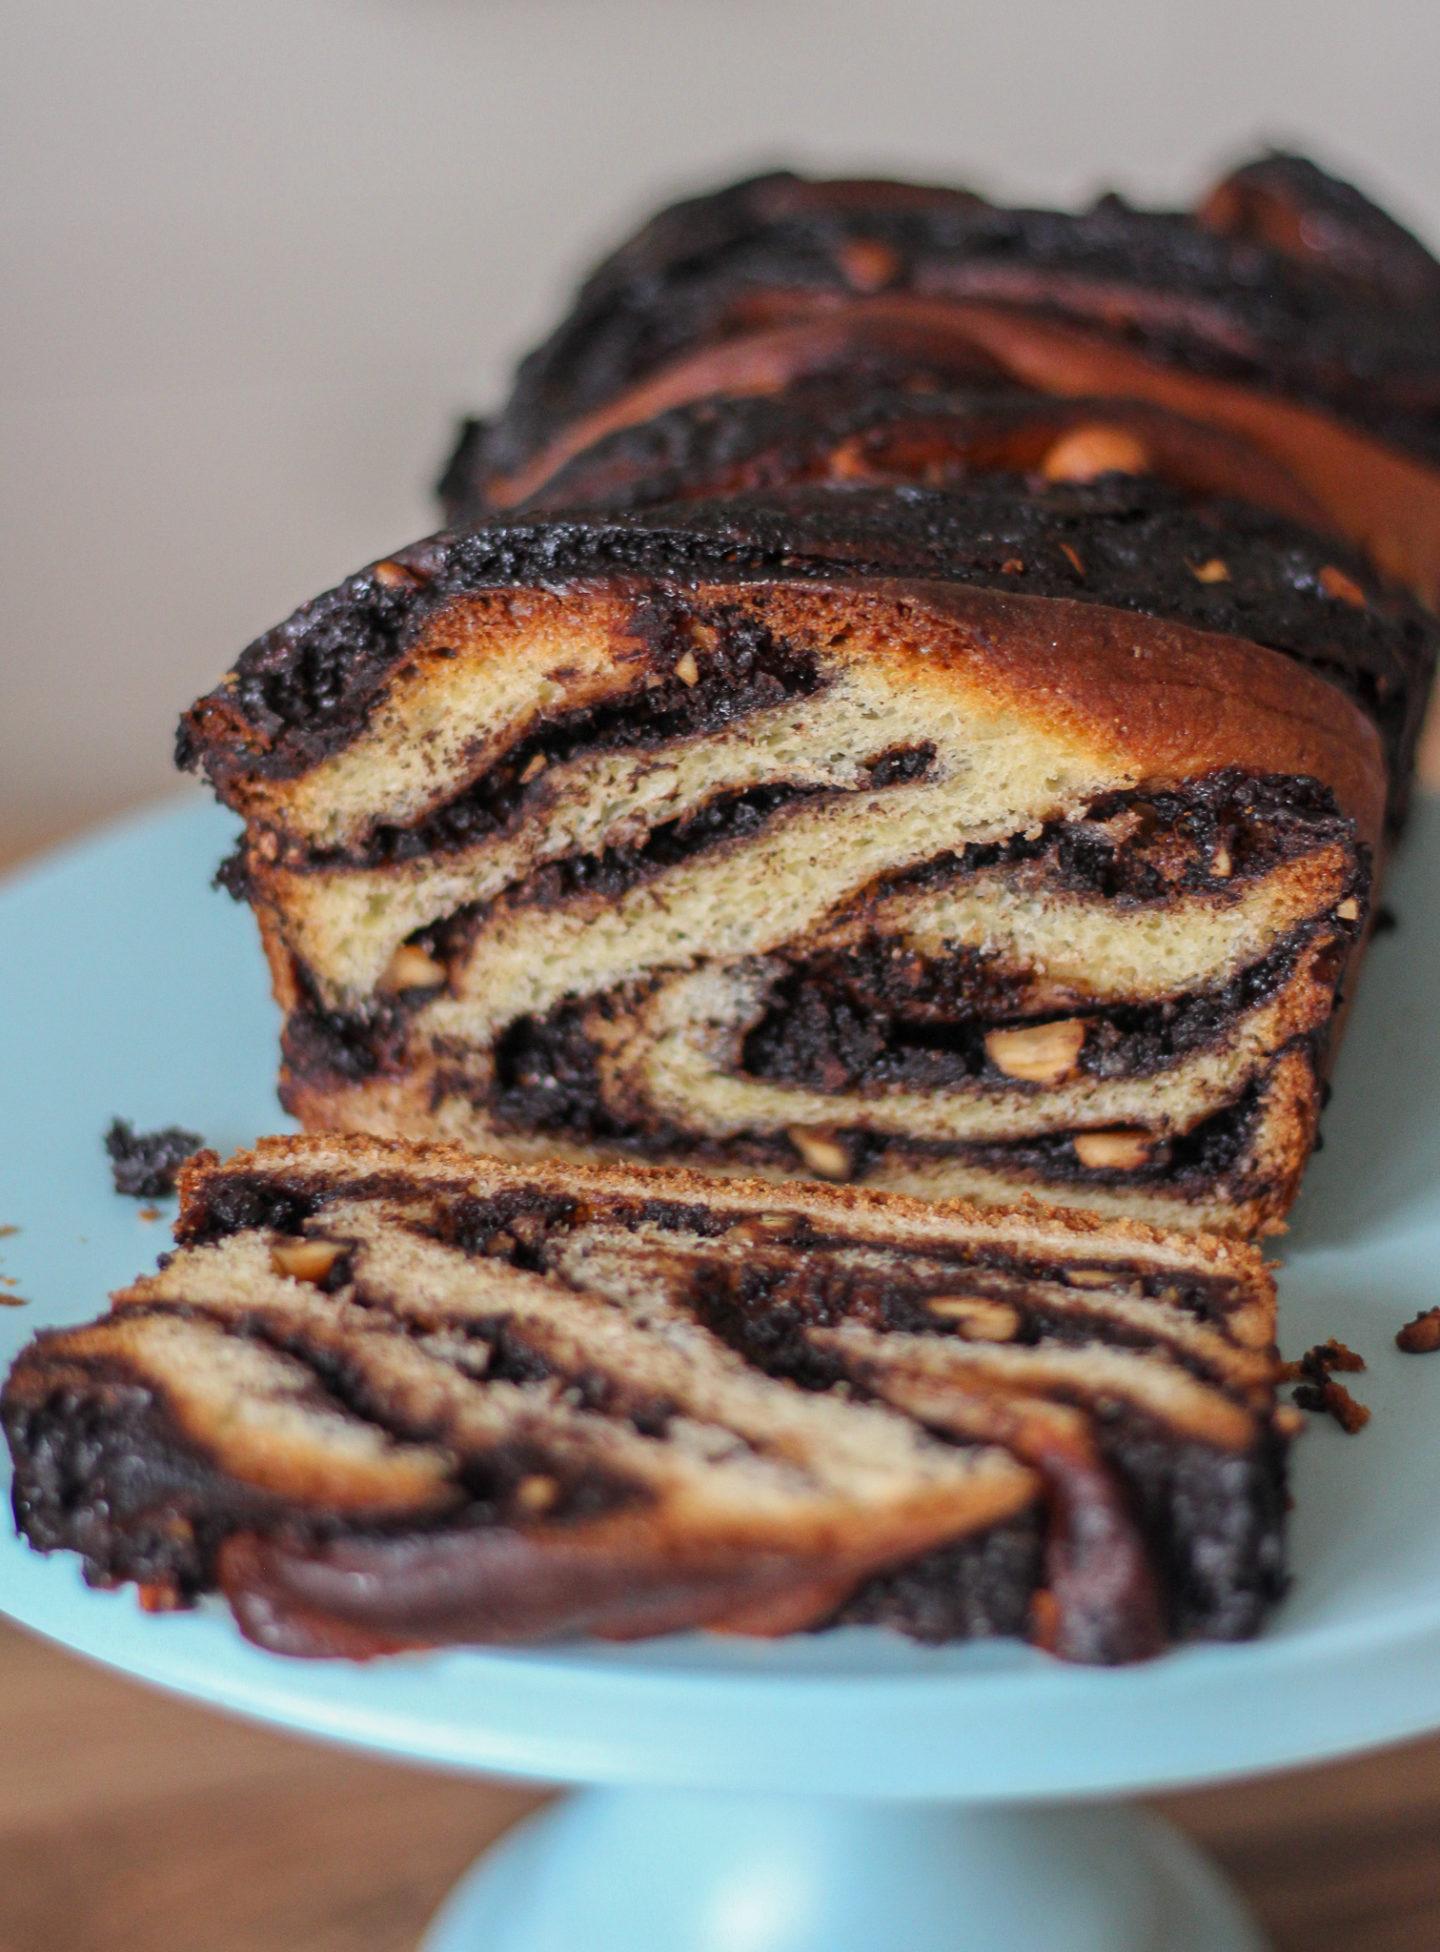 view inside a sliced chocolate and hazelnut babka on a cake stand